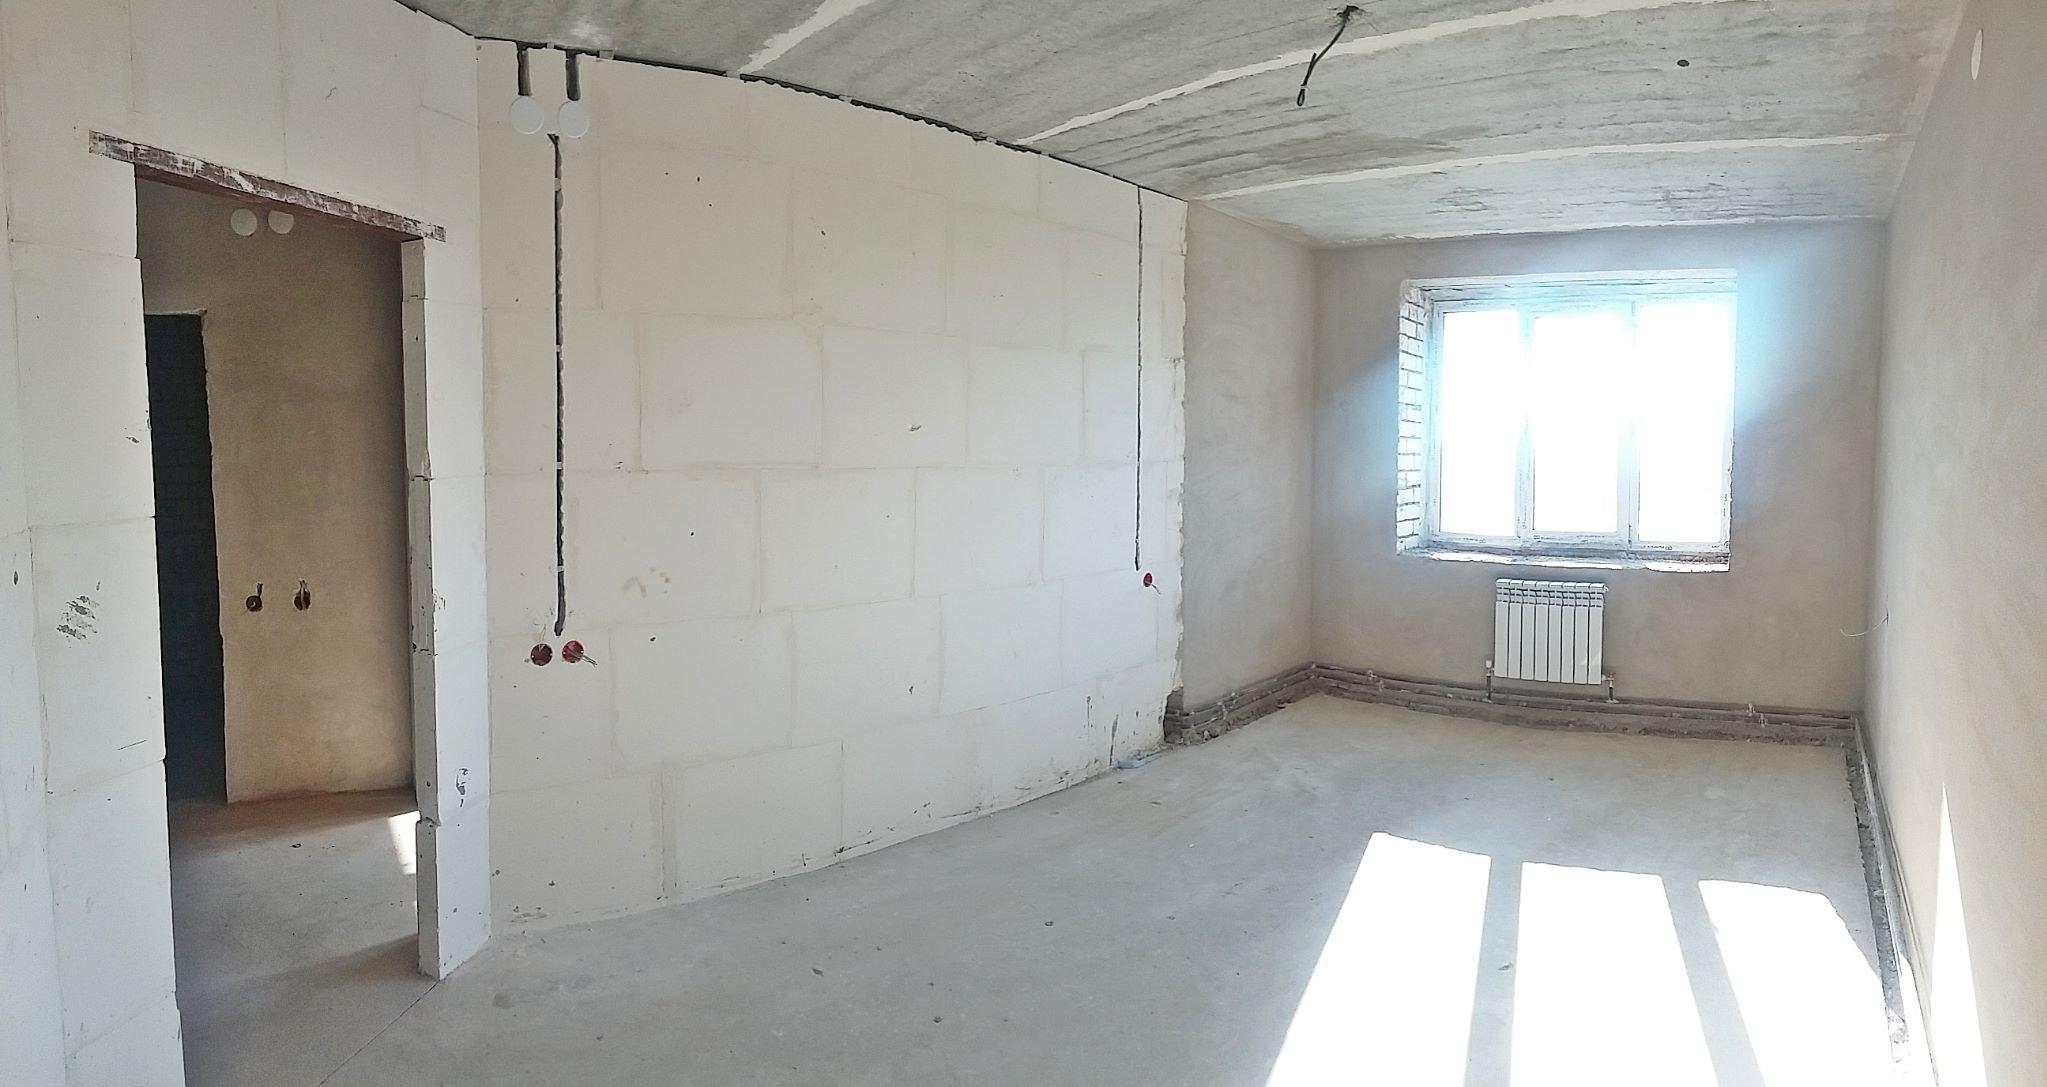 Продается однокомнатная квартира за 1 550 000 рублей. обл Ульяновская, г Ульяновск, пр-кт Академика Филатова, дом 18.